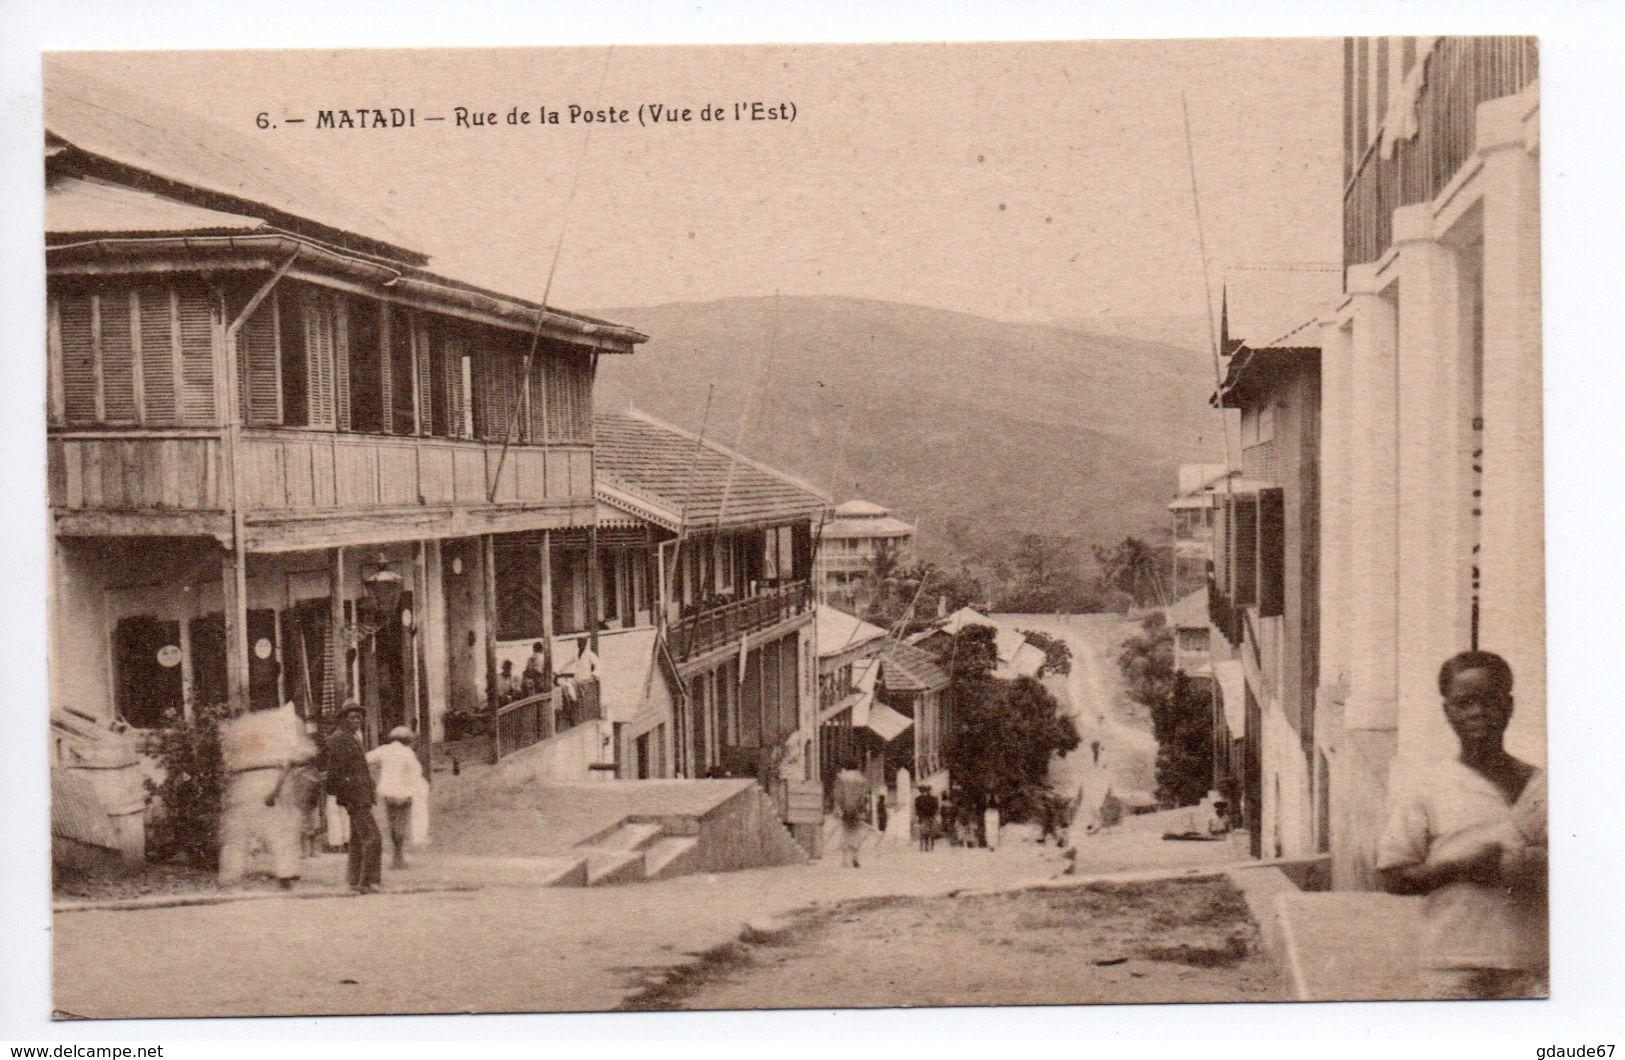 MATADI - RUE DE LA POSTE - Congo - Brazzaville